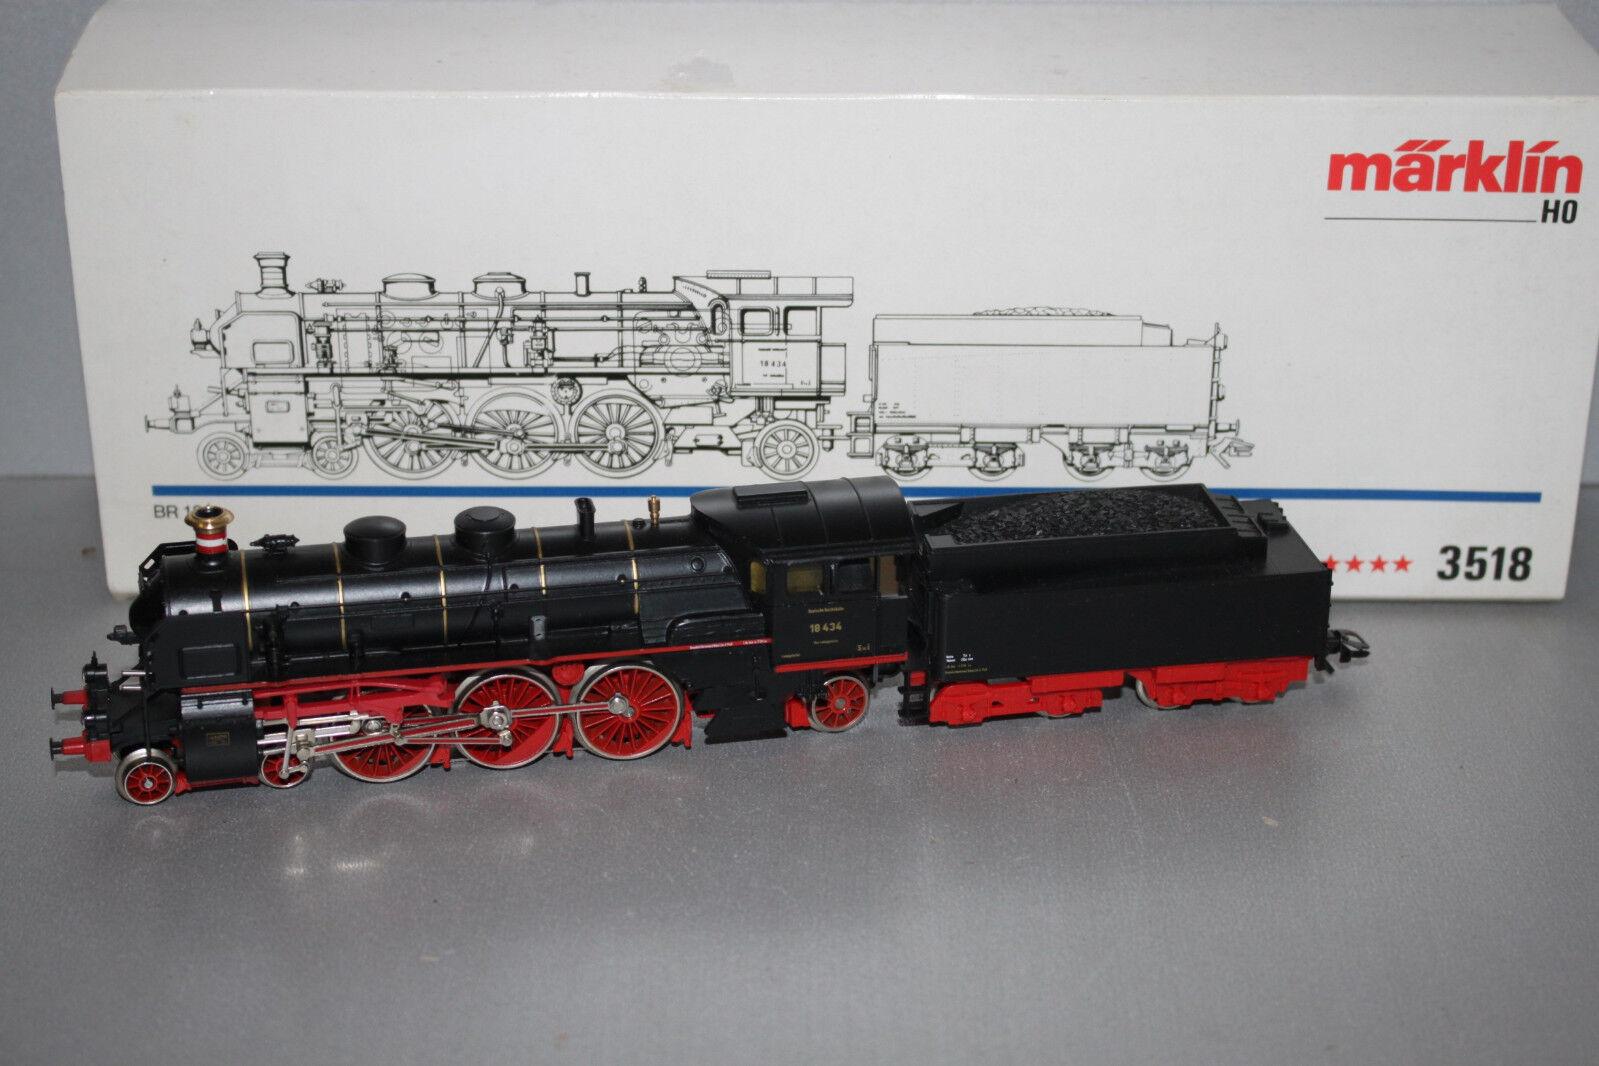 3518 locomotiva serie siano 18 434 traccia h0 OVP